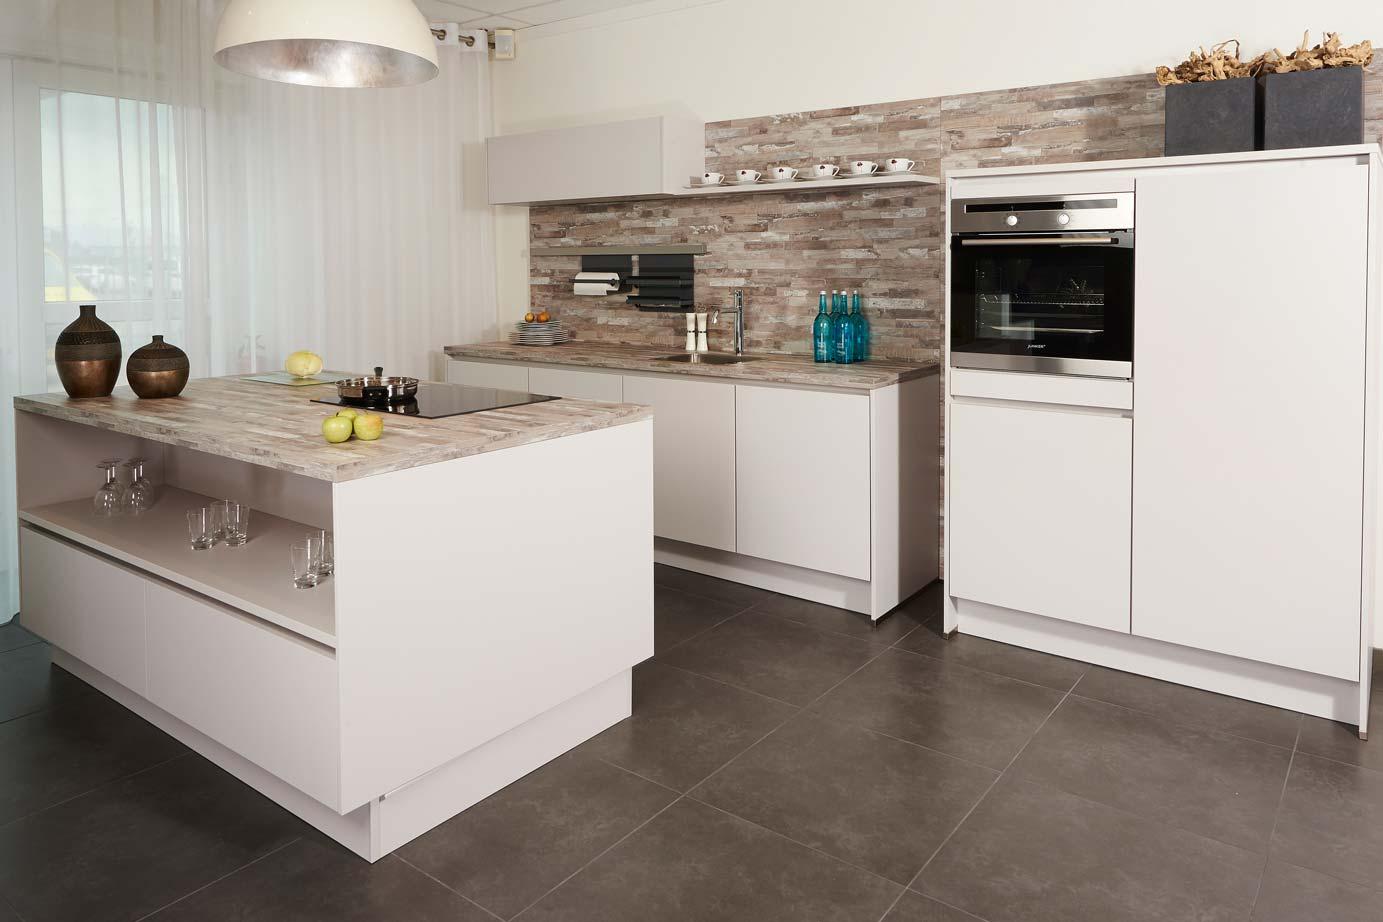 Moderne Keuken Grijs : Showroomkeuken met eiland tijdelijk aanbod db keukens